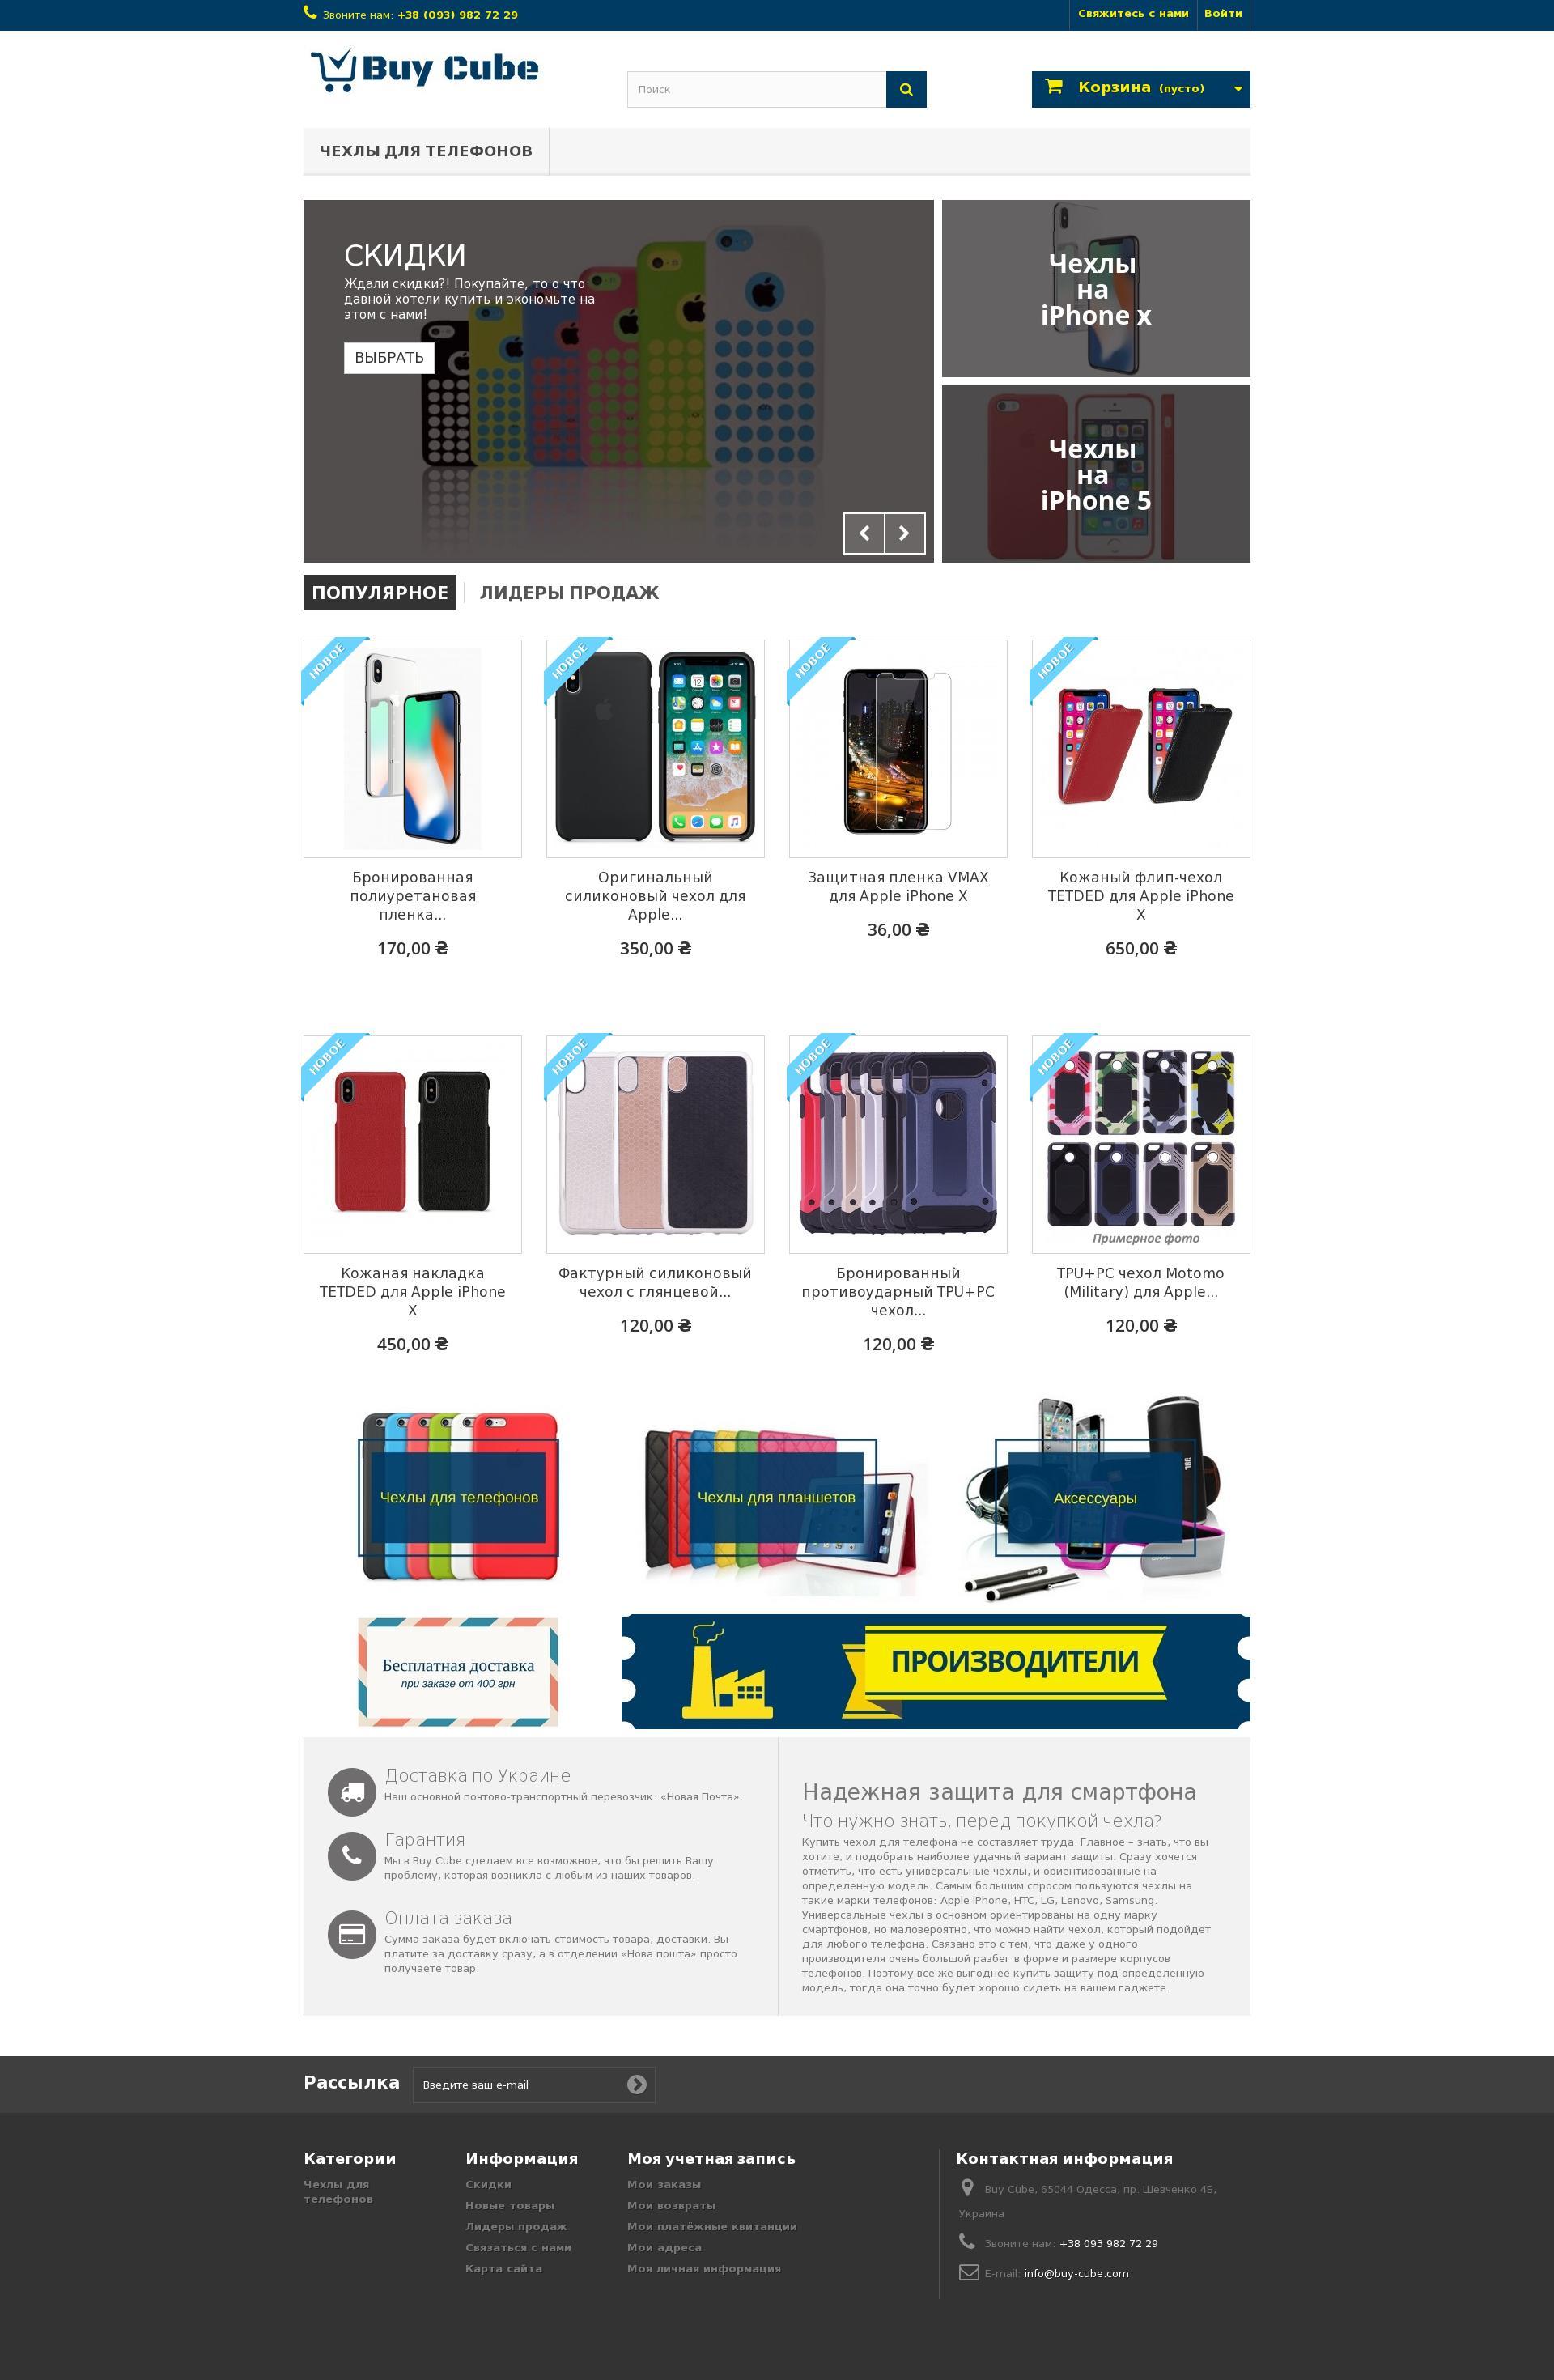 Фото Создание сайта для интернет-магазина мобильных аксессуаров «Buy Cube»